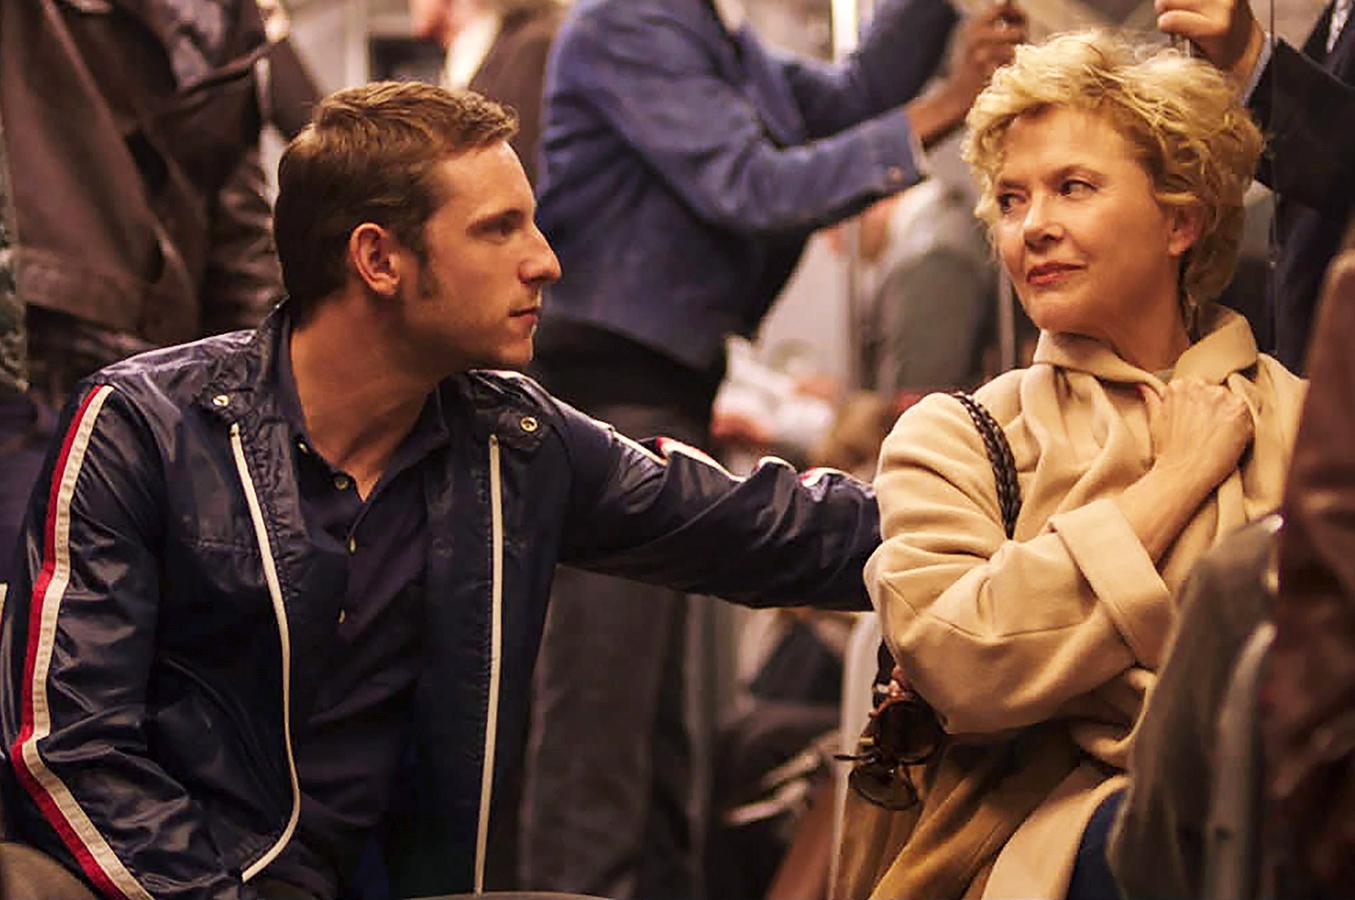 بررسی فیلم Film Stars Don't Die in Liverpool: داستانی رمانتیک دربارهی یکی از اسطورههای سینما